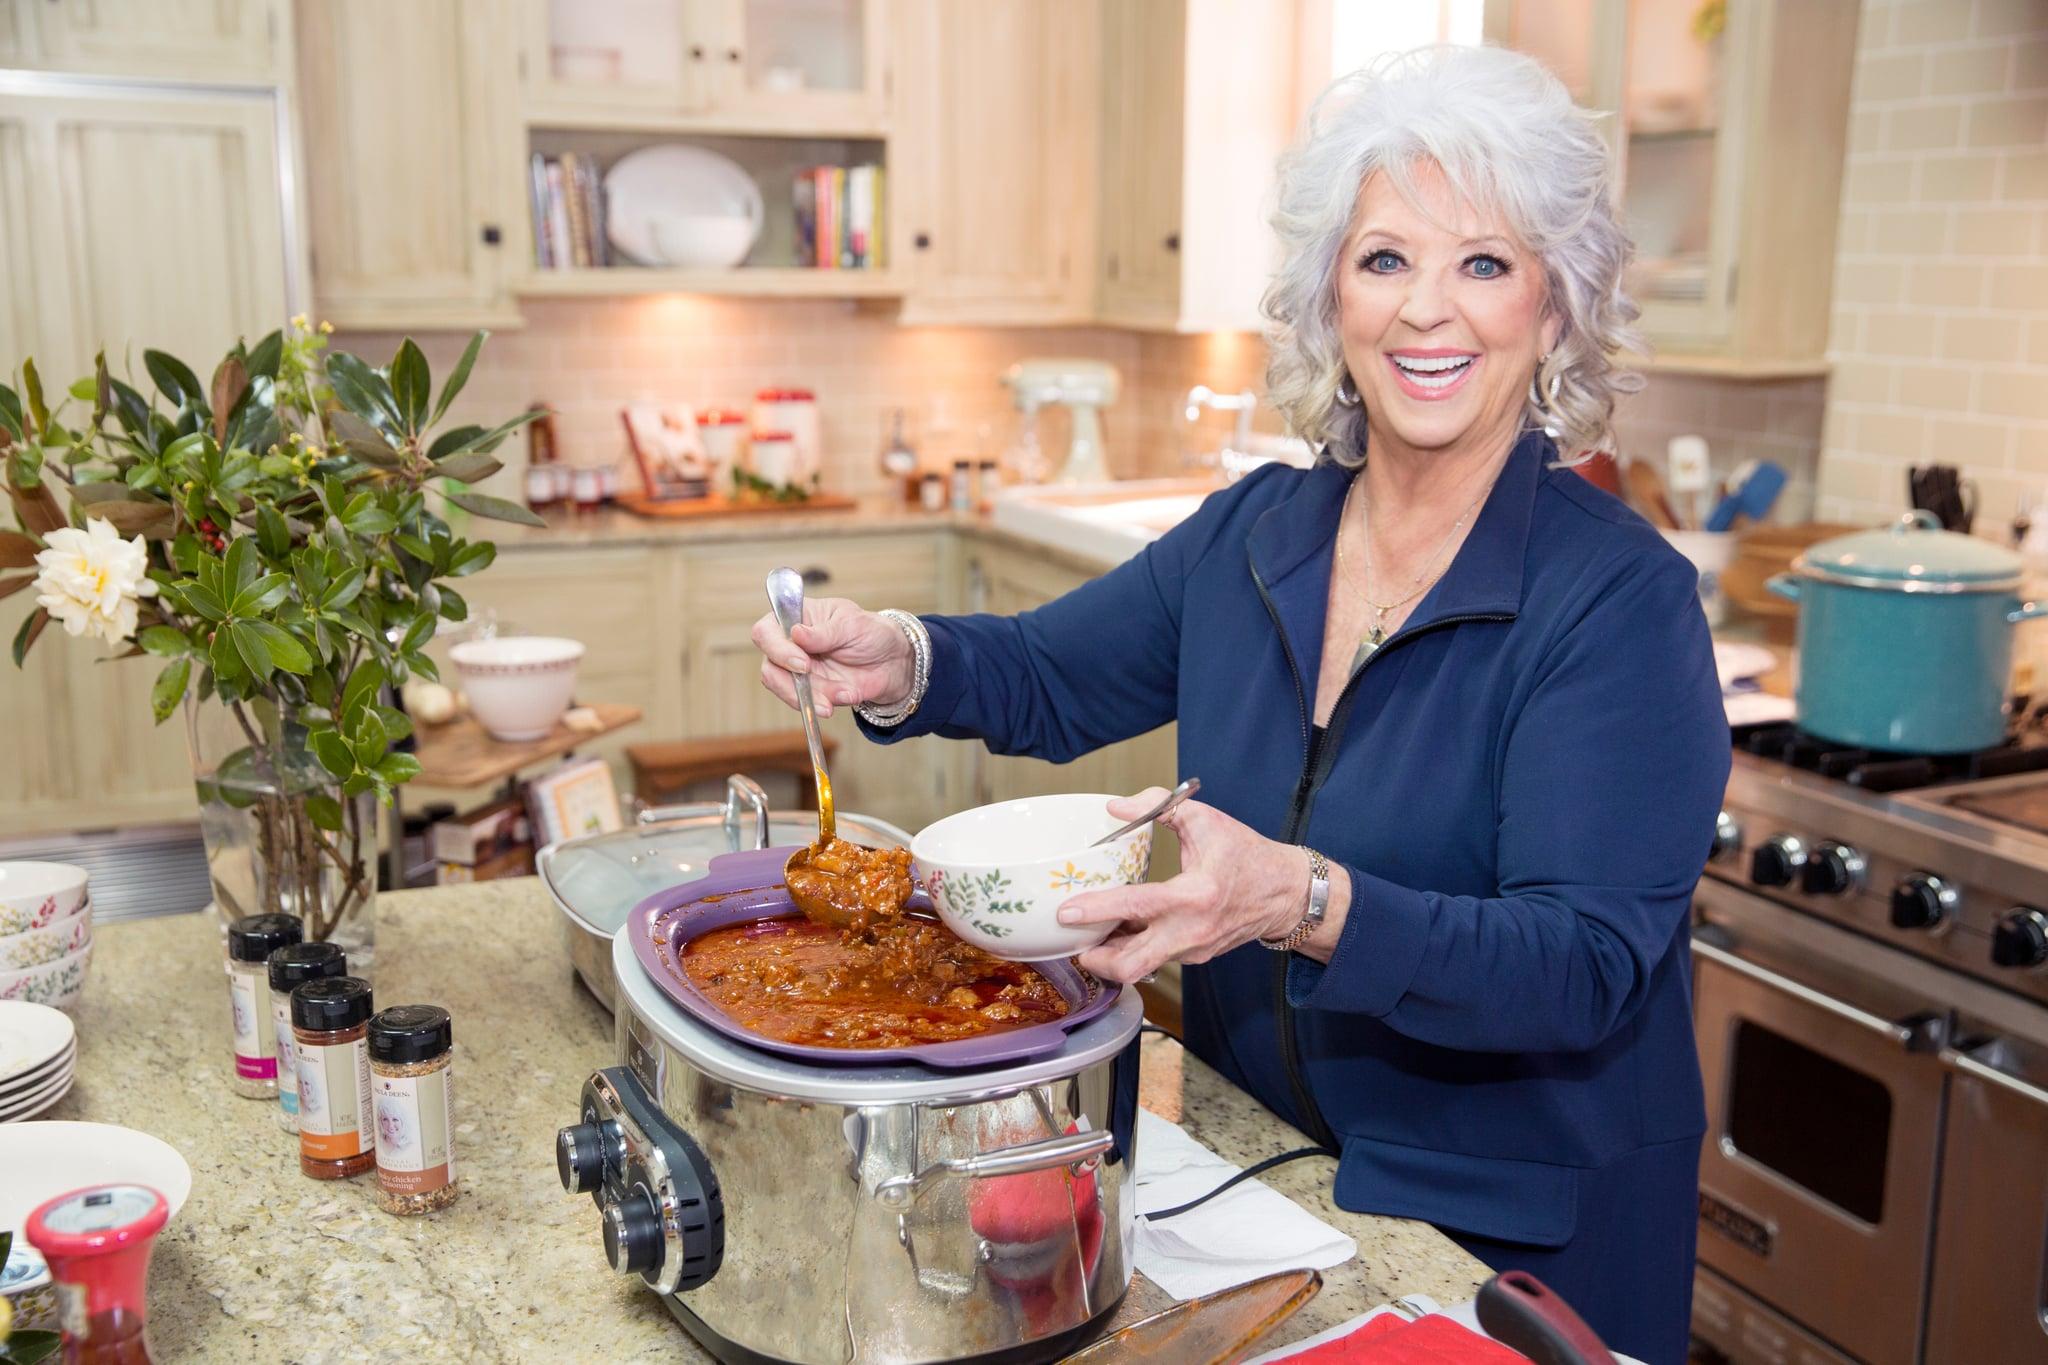 5 Comfort-Food Swaps For Paula Deen 5 Comfort-Food Swaps For Paula Deen new pictures